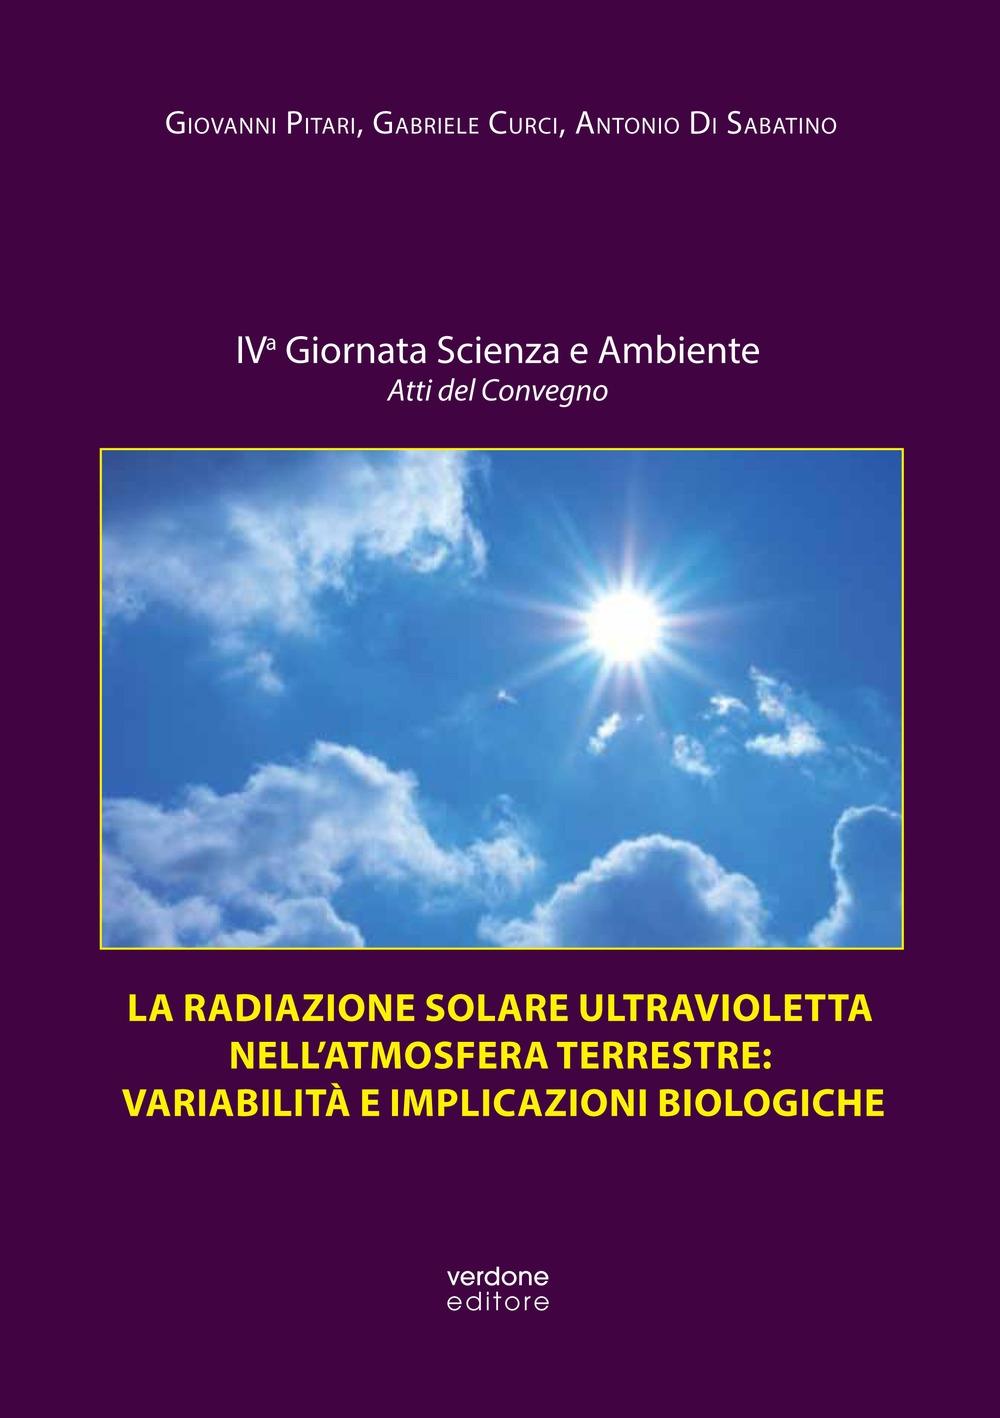 La radiazione solare ultravioletta nell'atmosfera terrestre: variabilità e implicazioni biologiche. Atti della IV Giornata scienza e ambiente. Atti del convegno. Ediz. illustrata